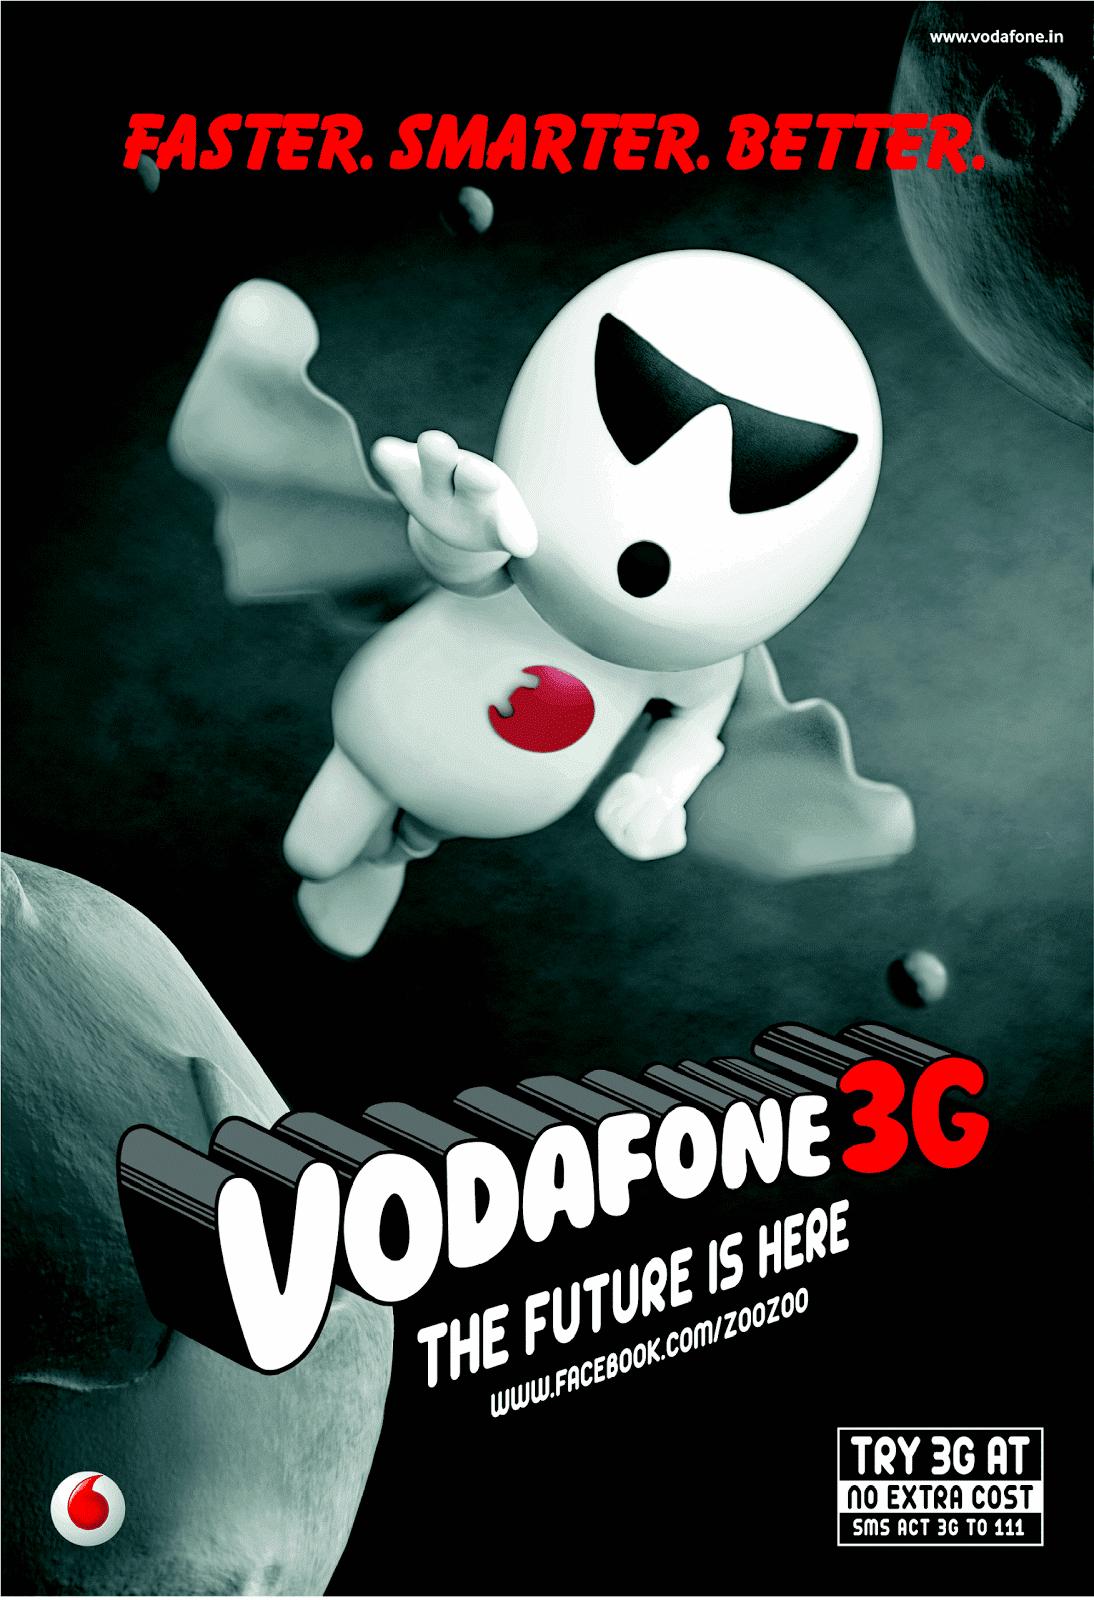 http://3.bp.blogspot.com/-WvG5hbA9rK4/TZbEJ0TeOxI/AAAAAAAAAyM/o49Ww3ViXPg/s1600/Vodafone+3G.png